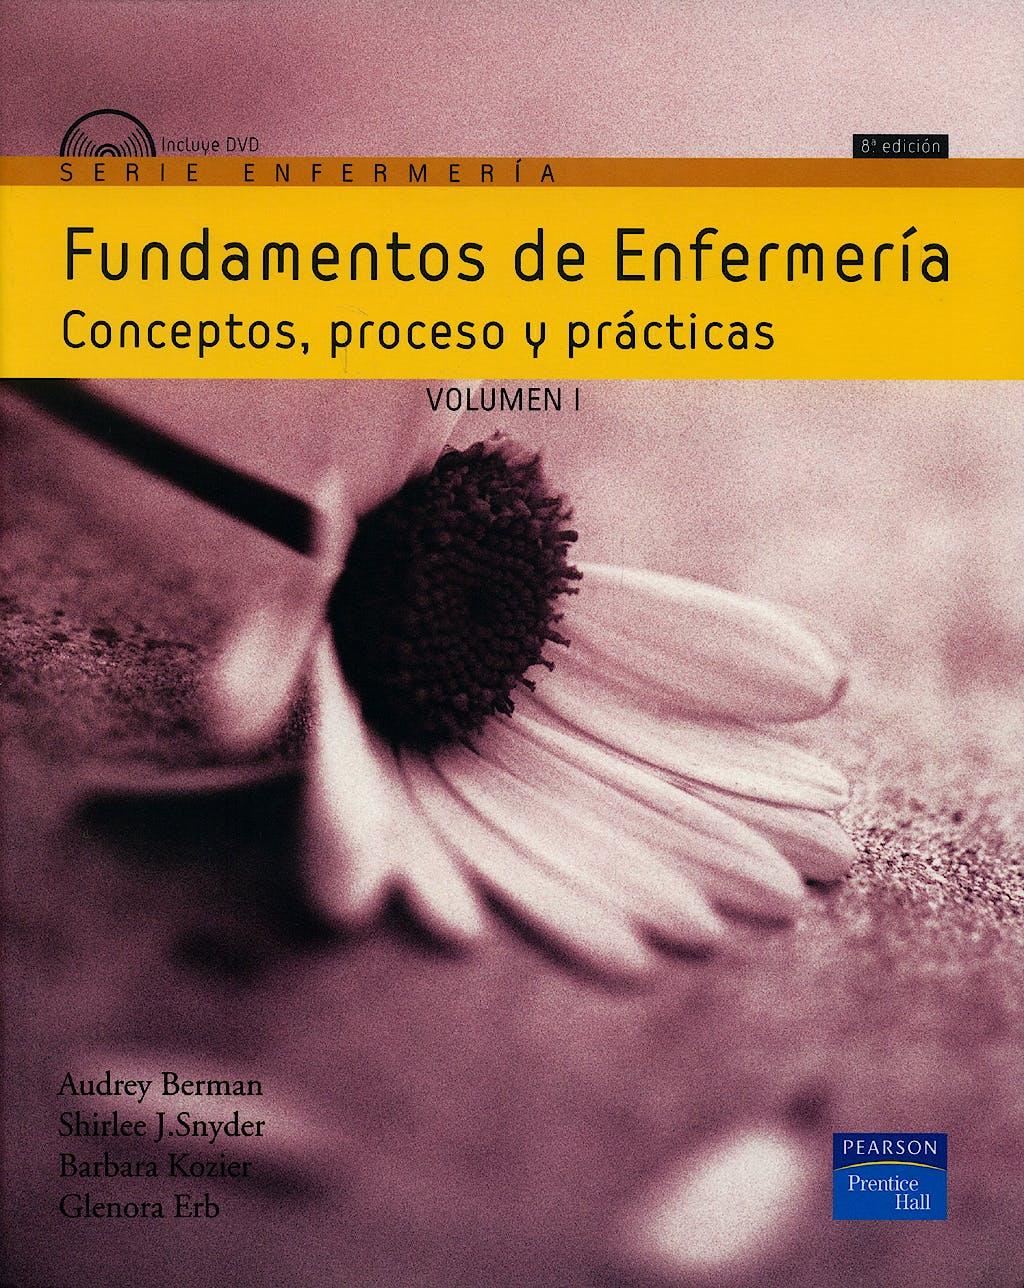 Producto: Fundamentos de Enfermeria. Conceptos, Proceso y Practica ...